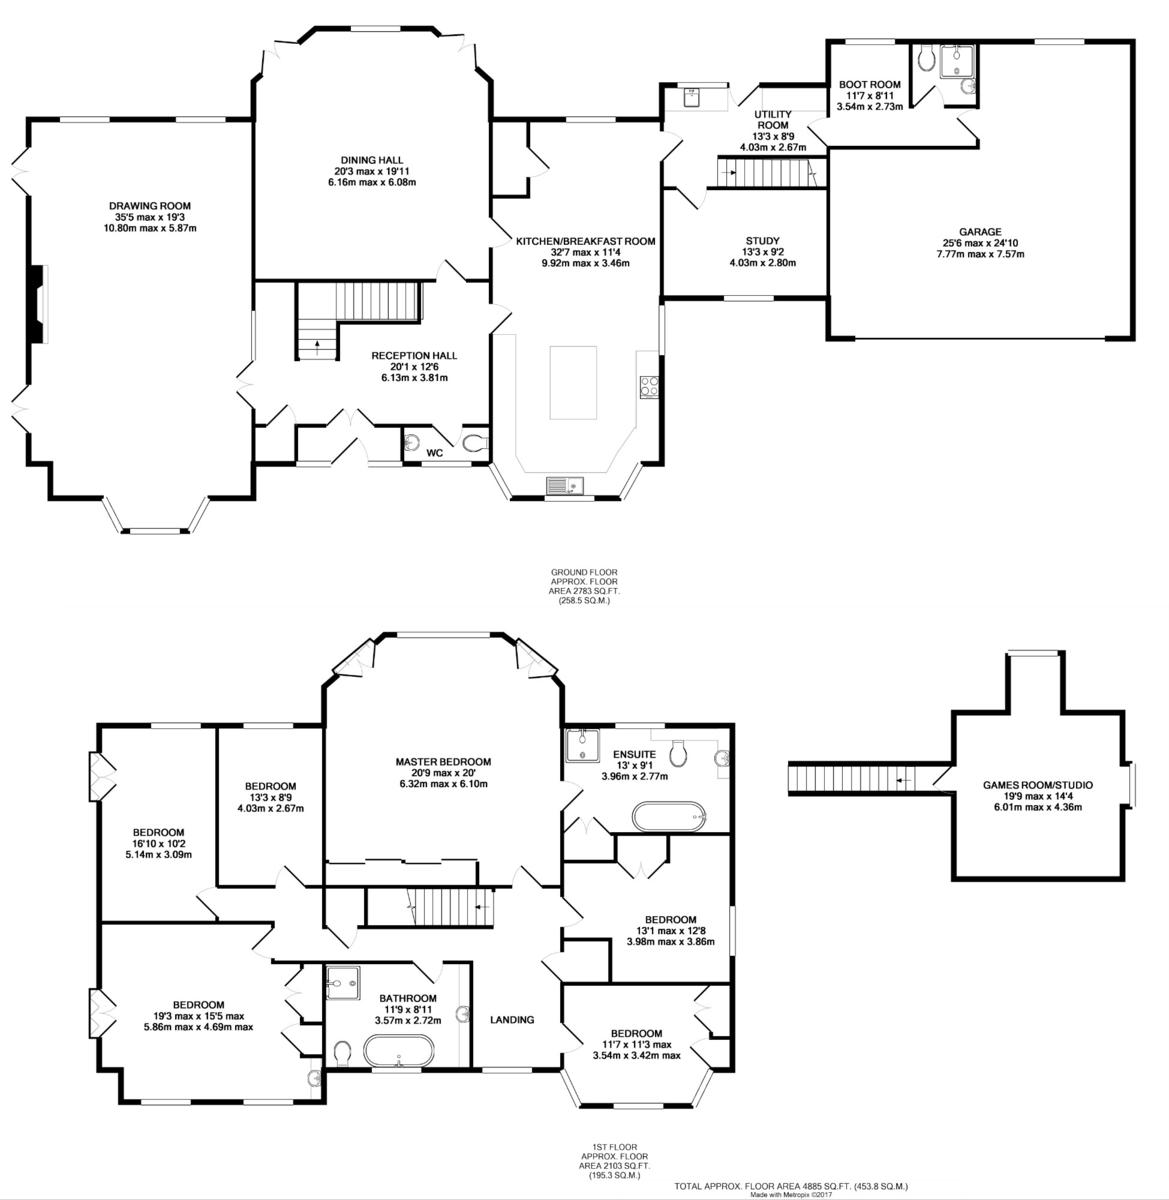 Whepstead, Bury St Edmunds, Suffolk Floorplan